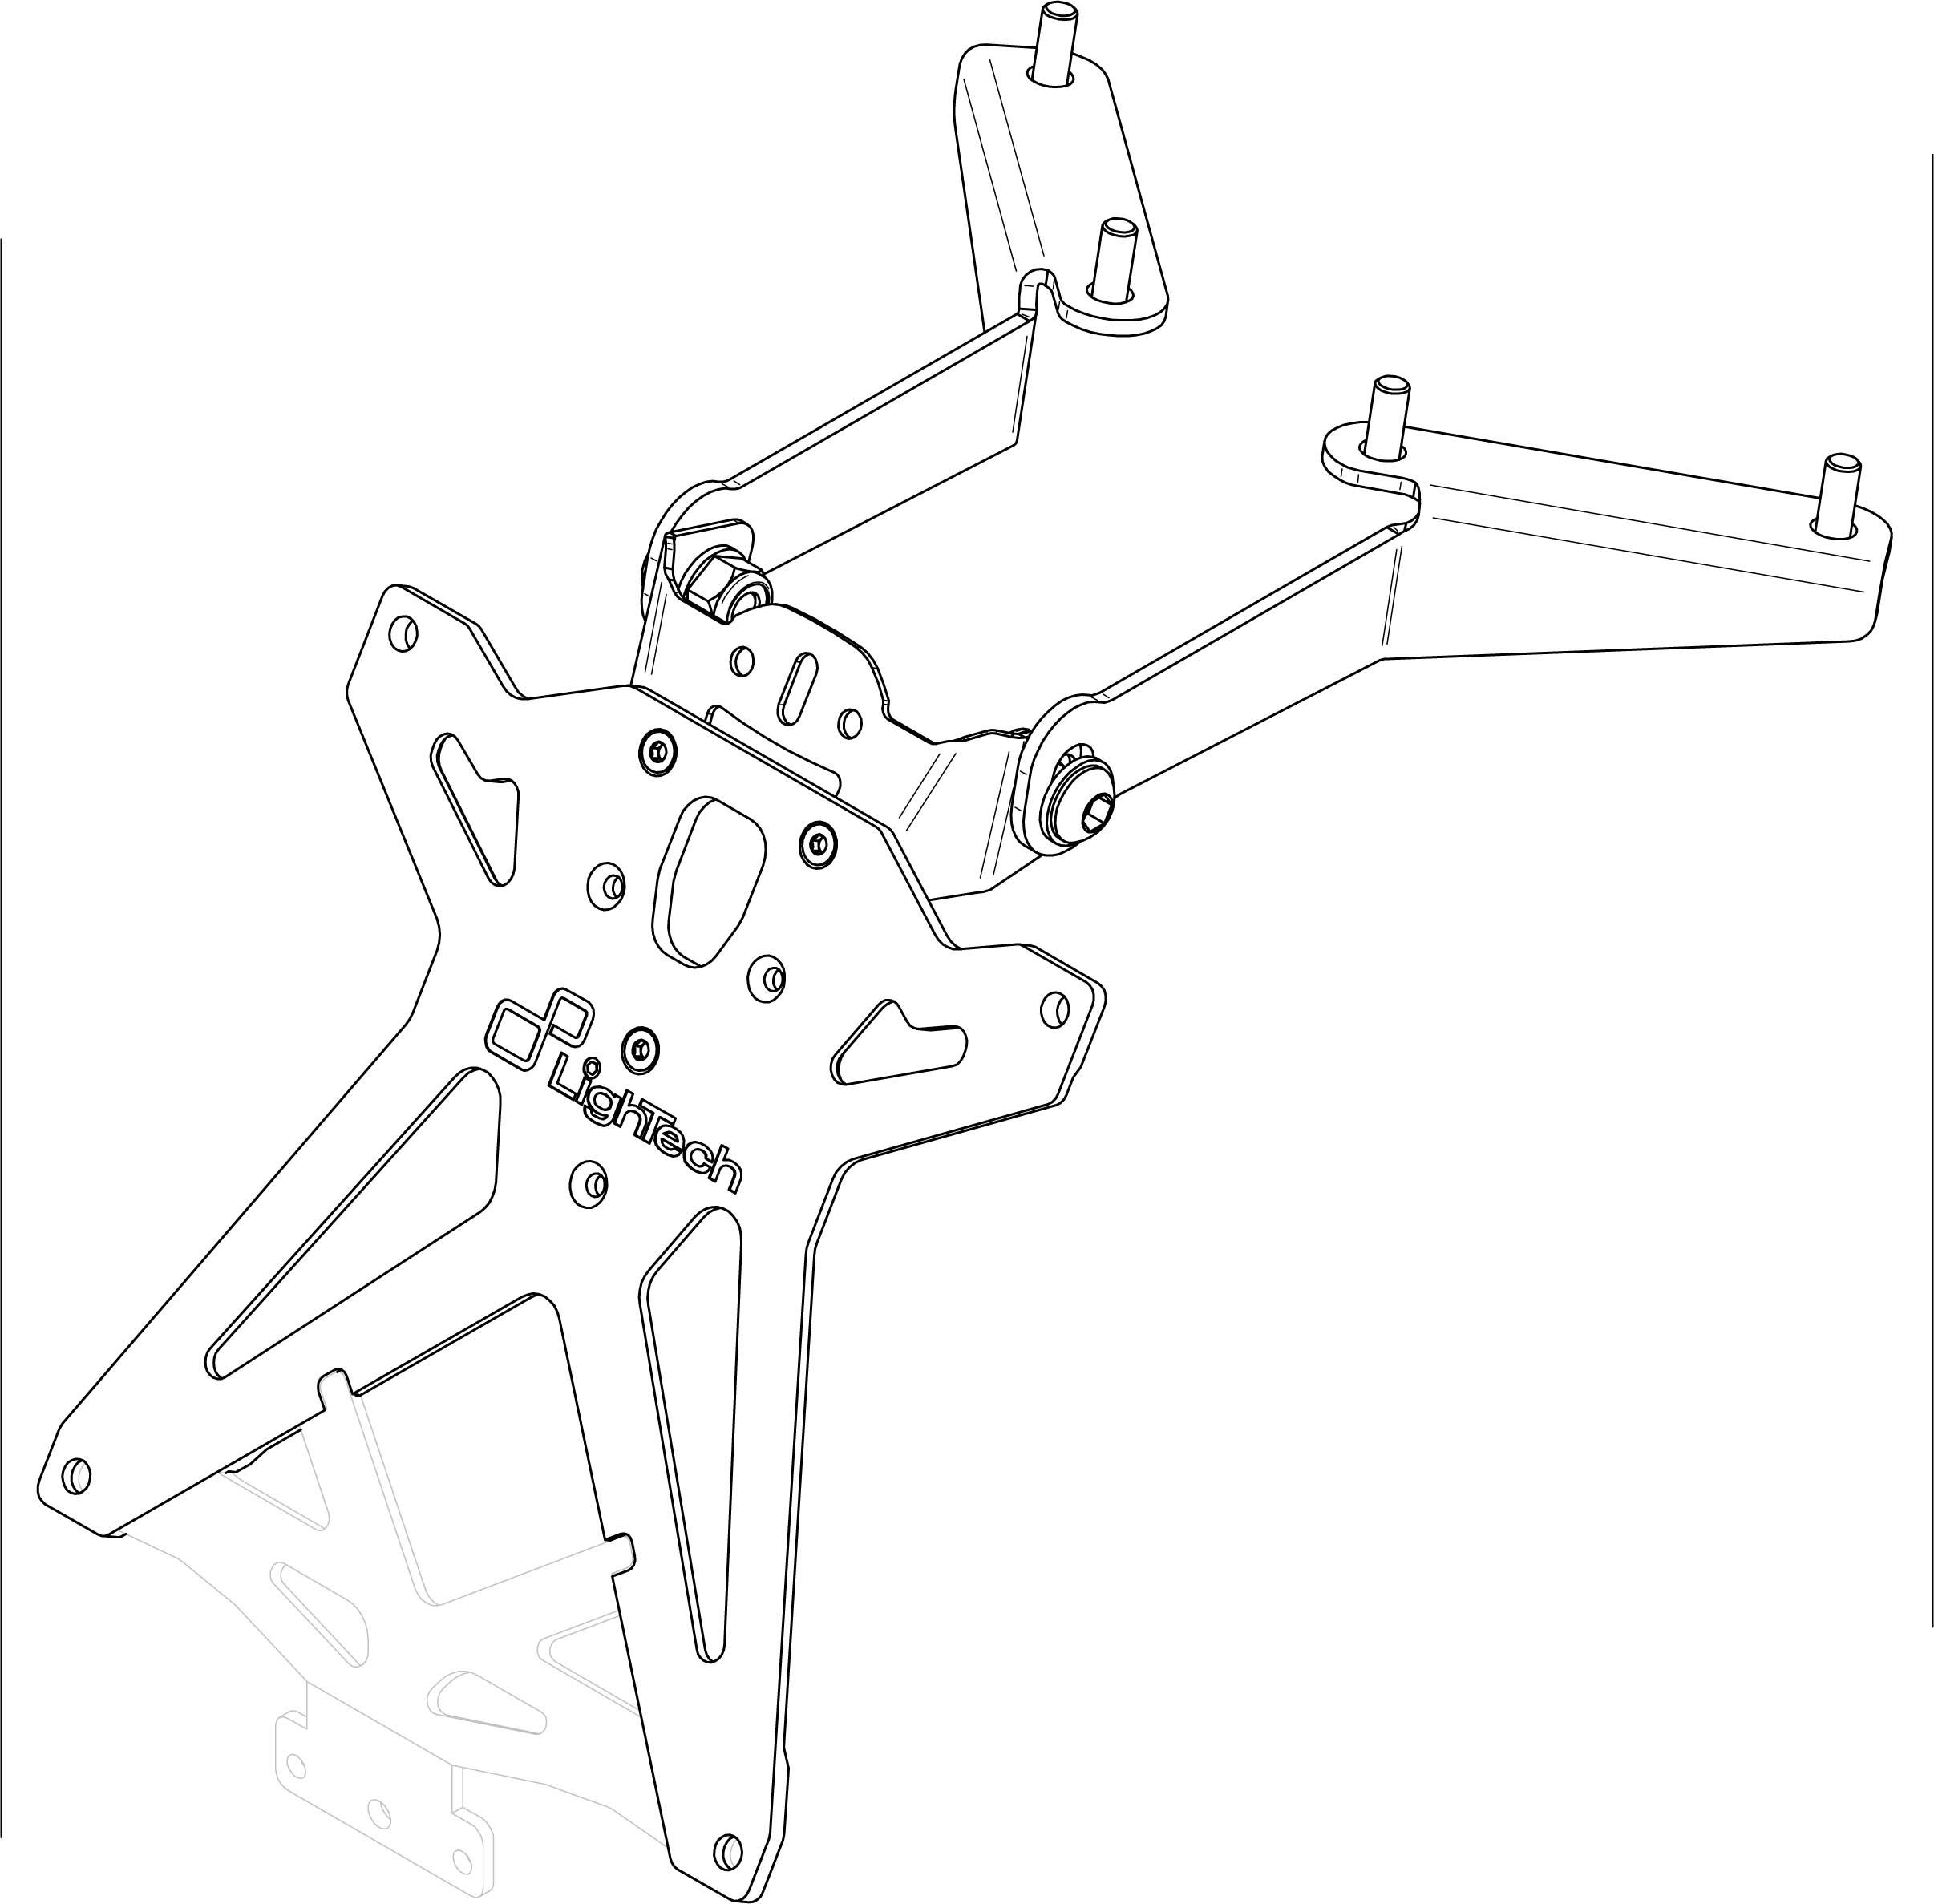 Portamatrículas Lightech para Yamaha T-MAX 530 12-14